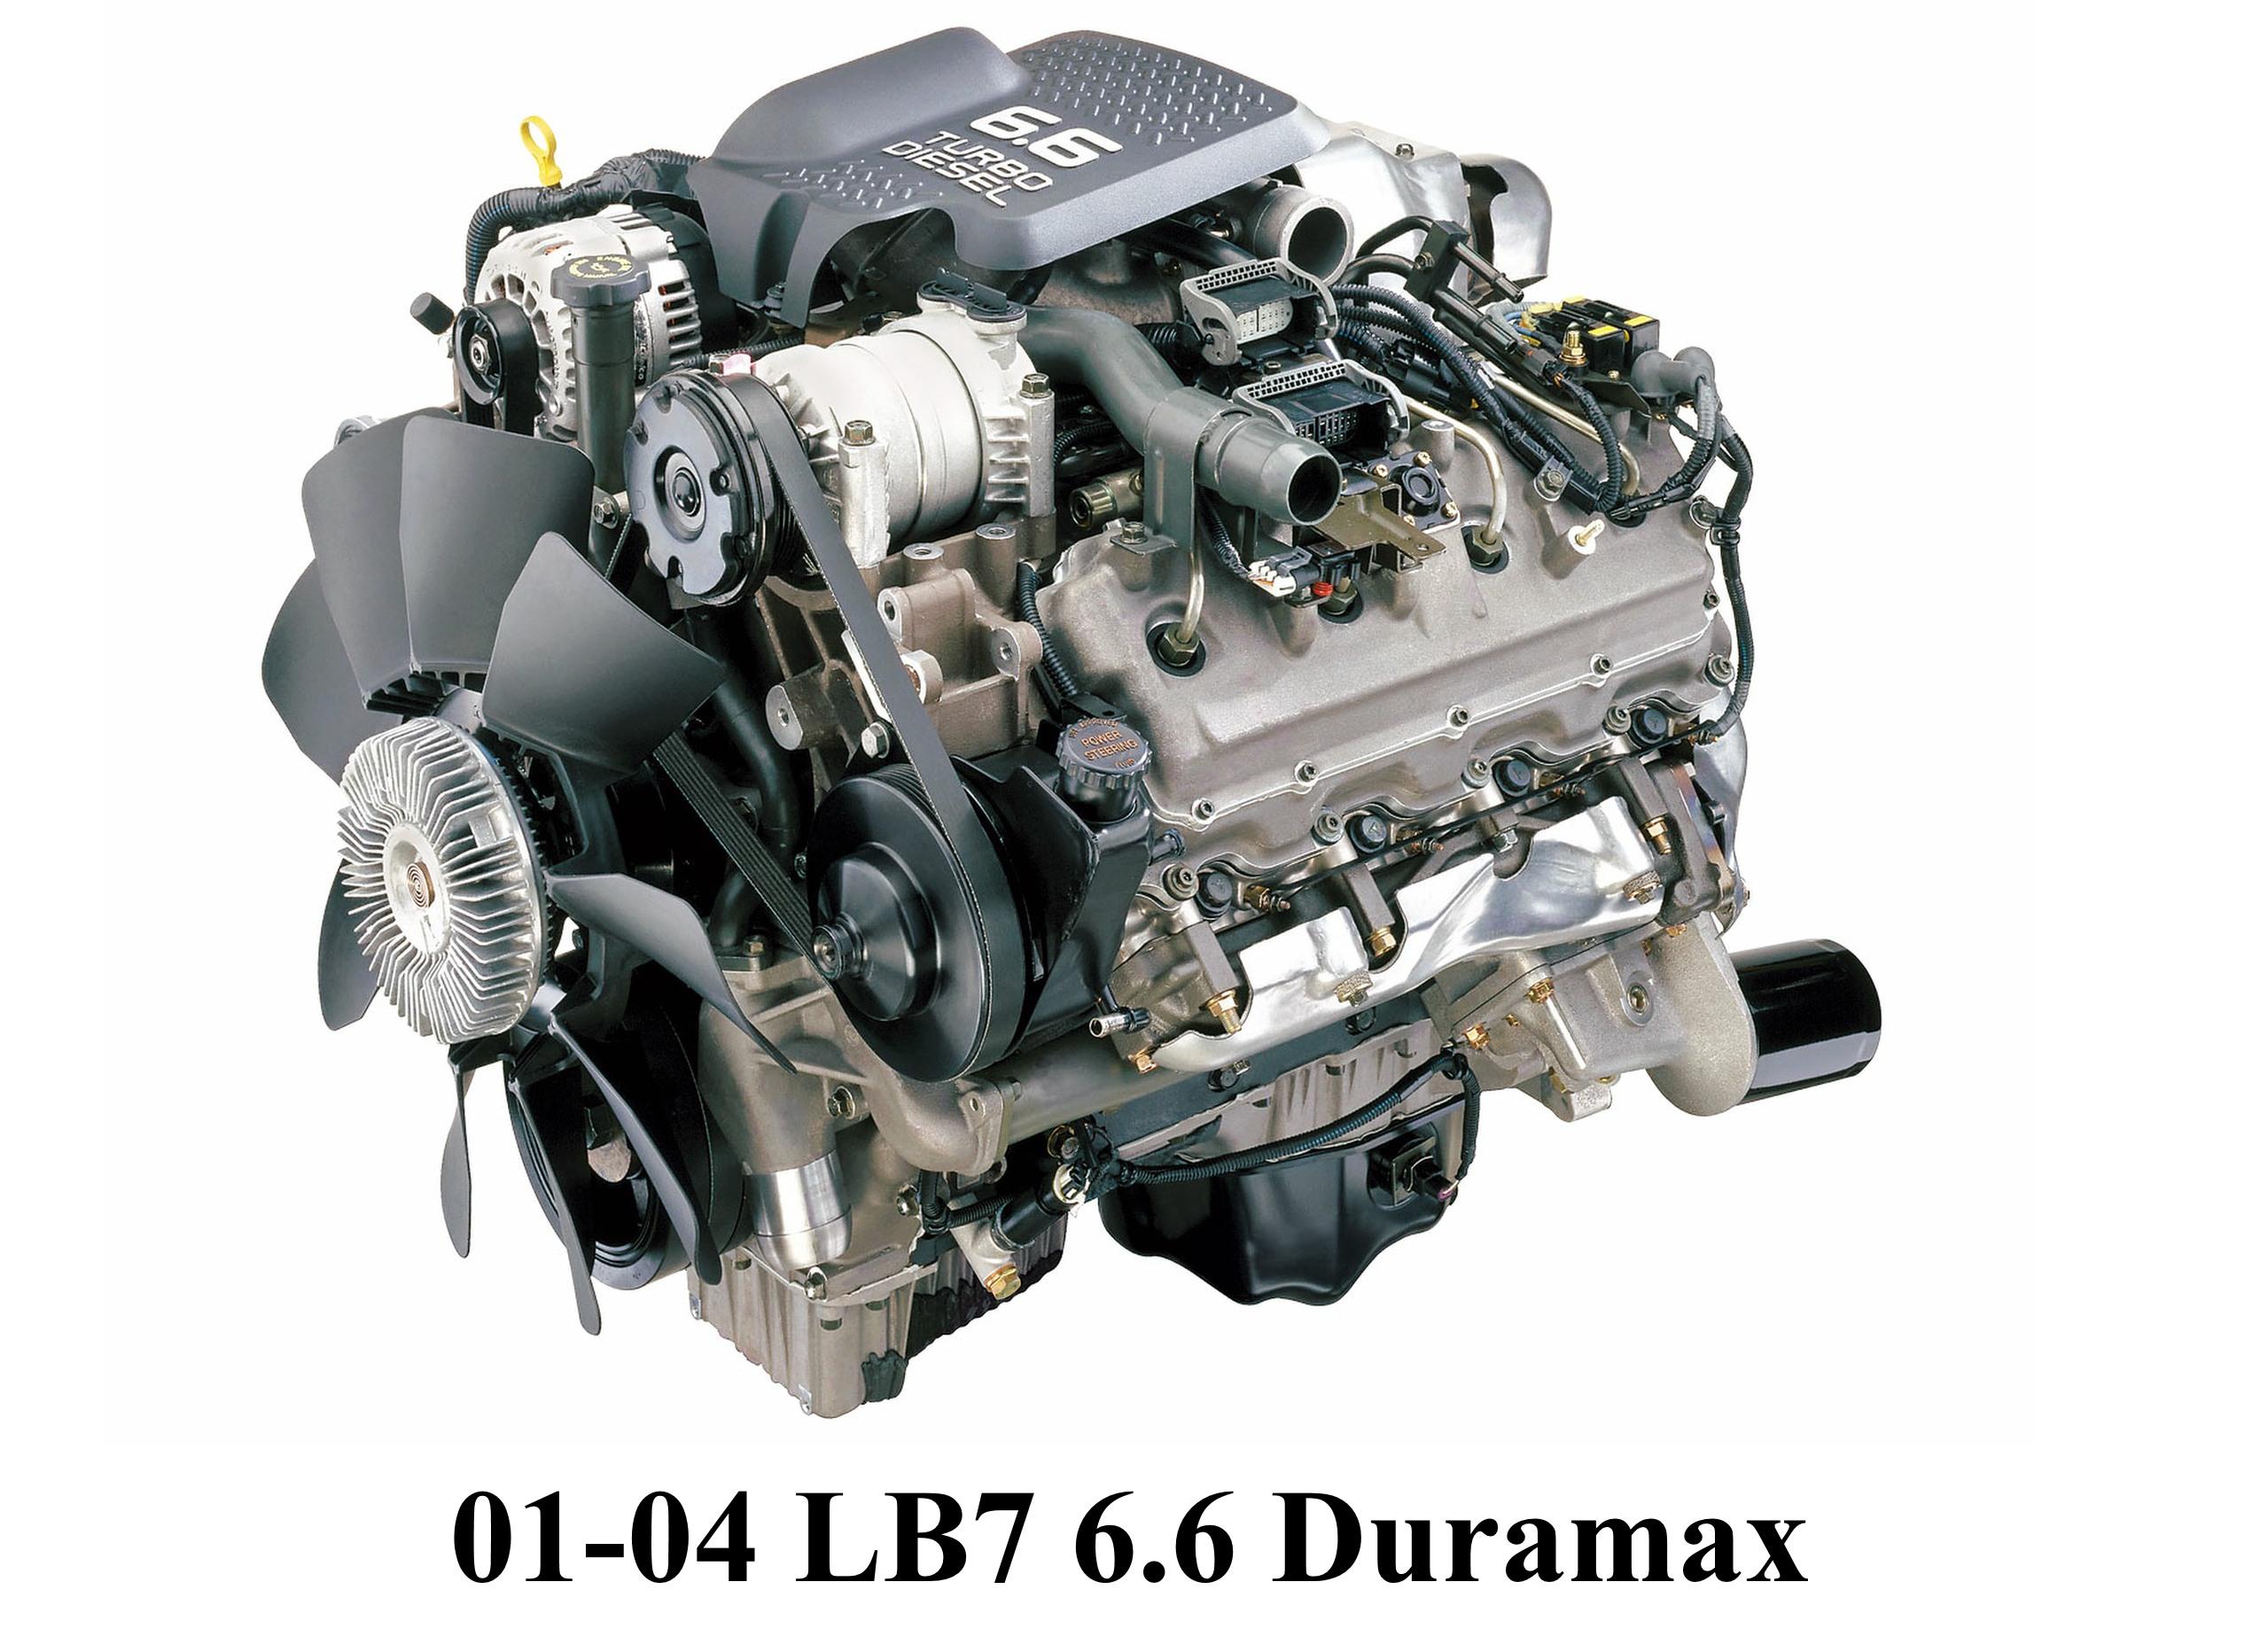 hight resolution of lb7 duramax jpg